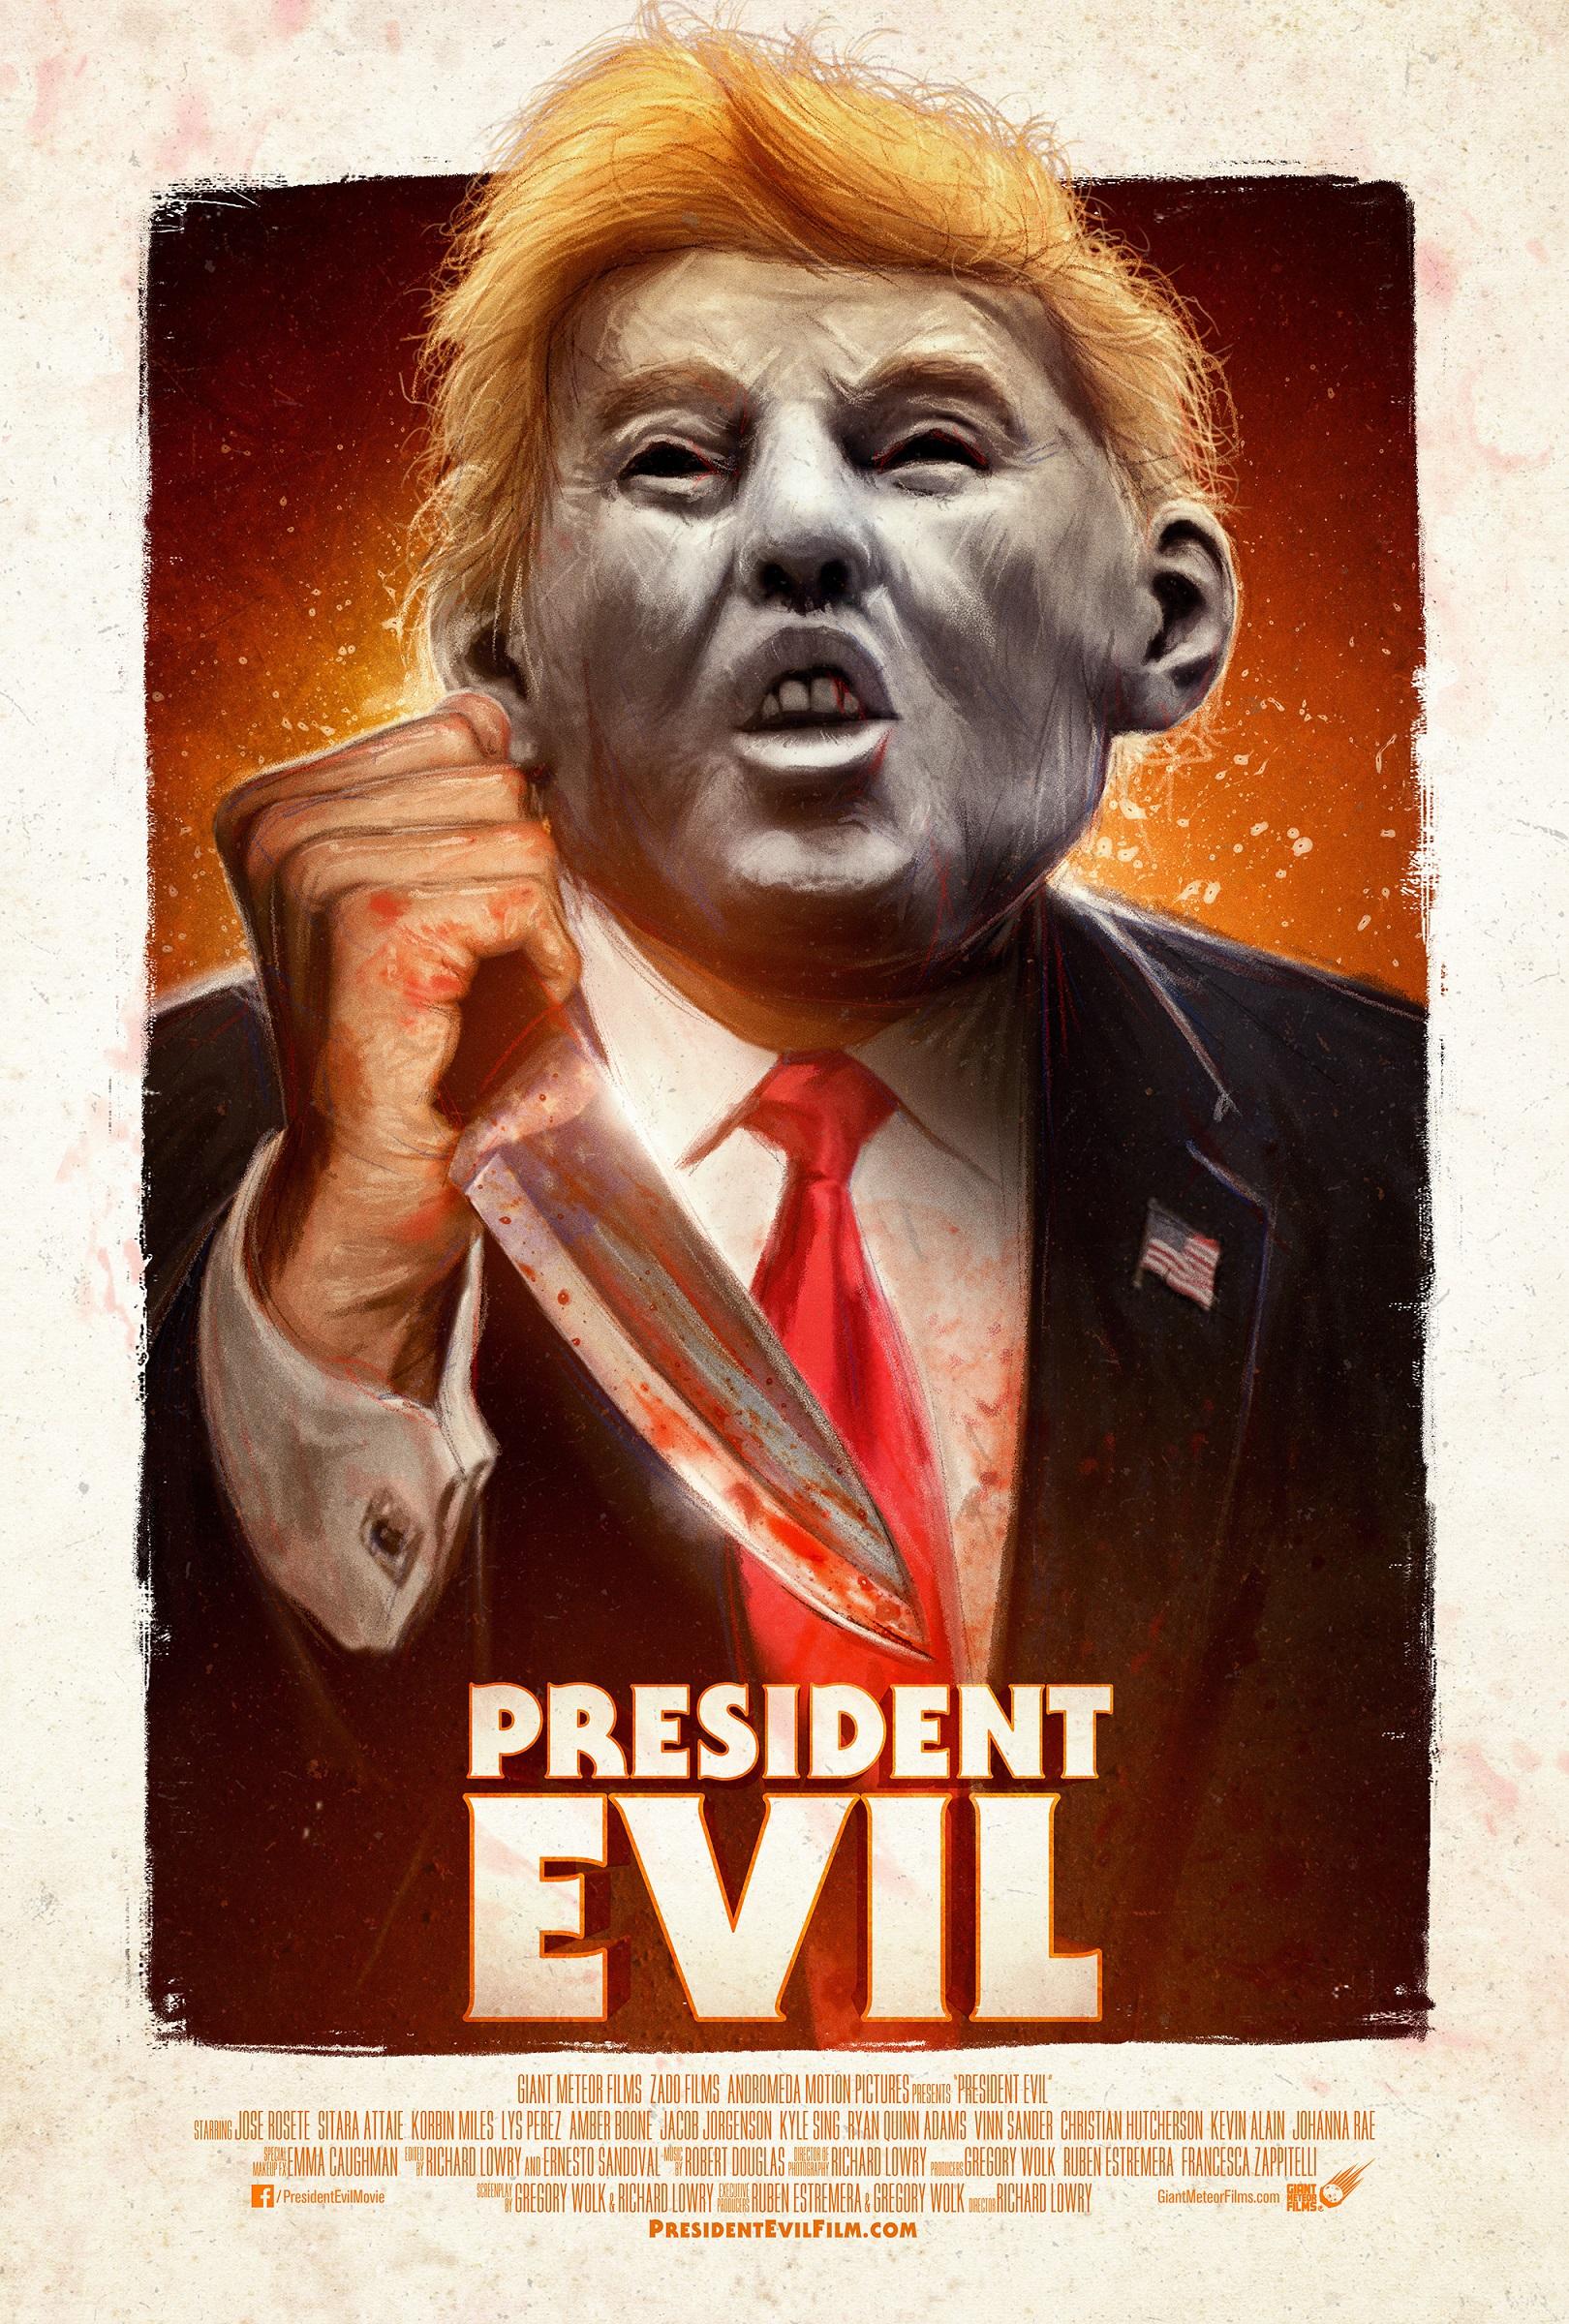 President Evil Trailer & Poster